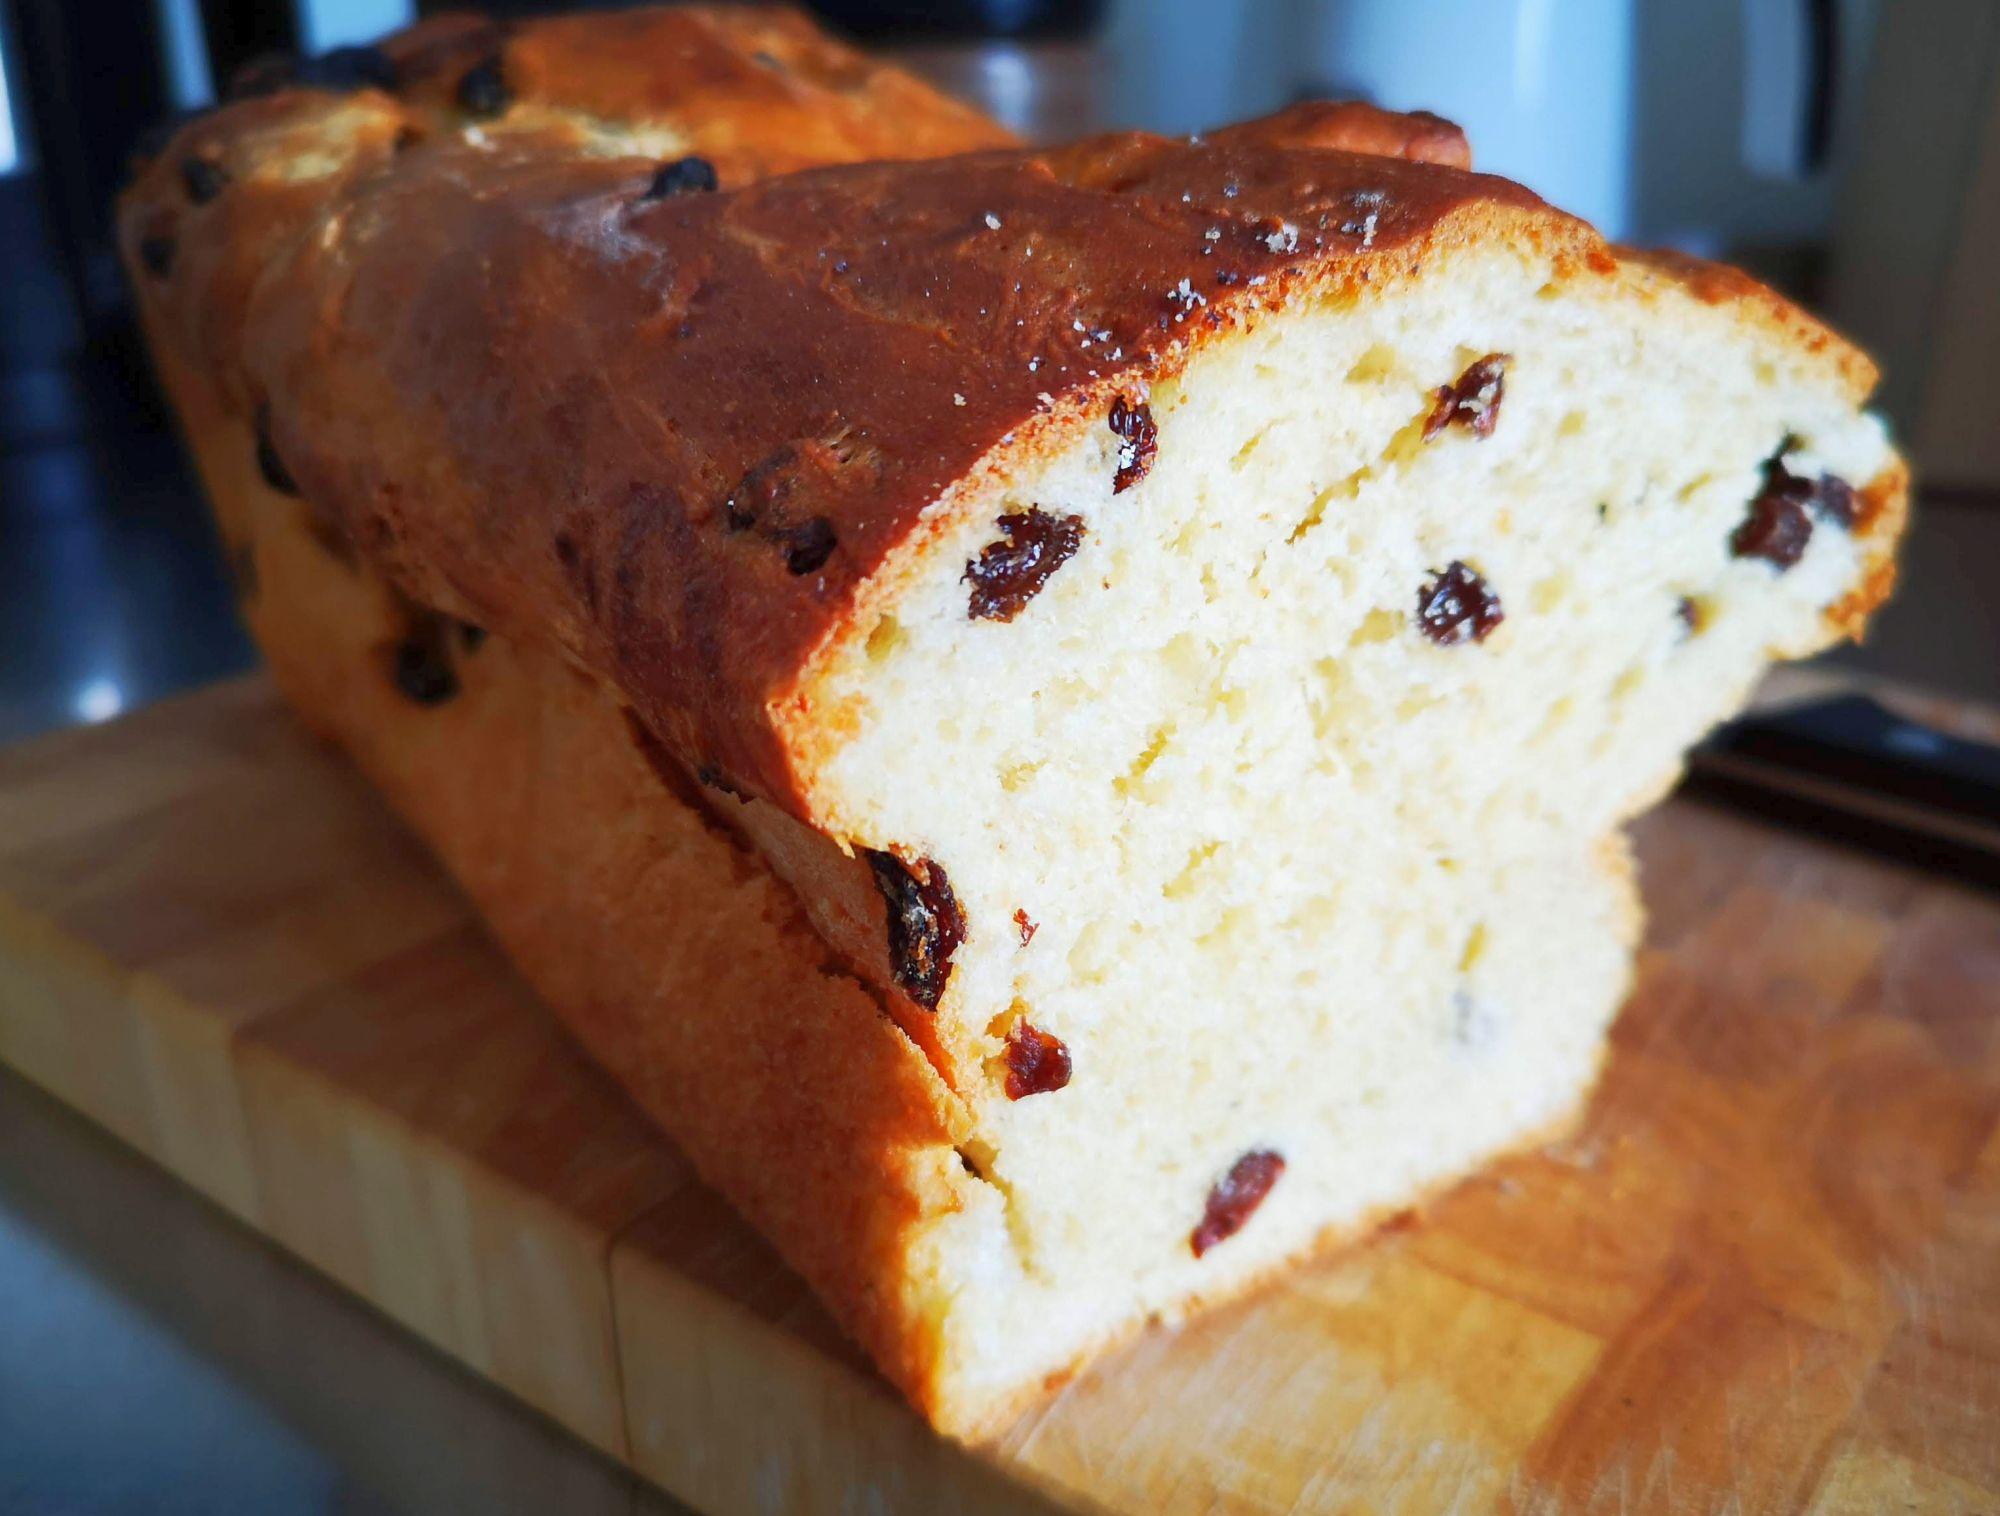 Mit Butter, mit Marmelade, mit Wurst, einfach so: Selbstgemachter Rosinenstuten (Foto: TD)